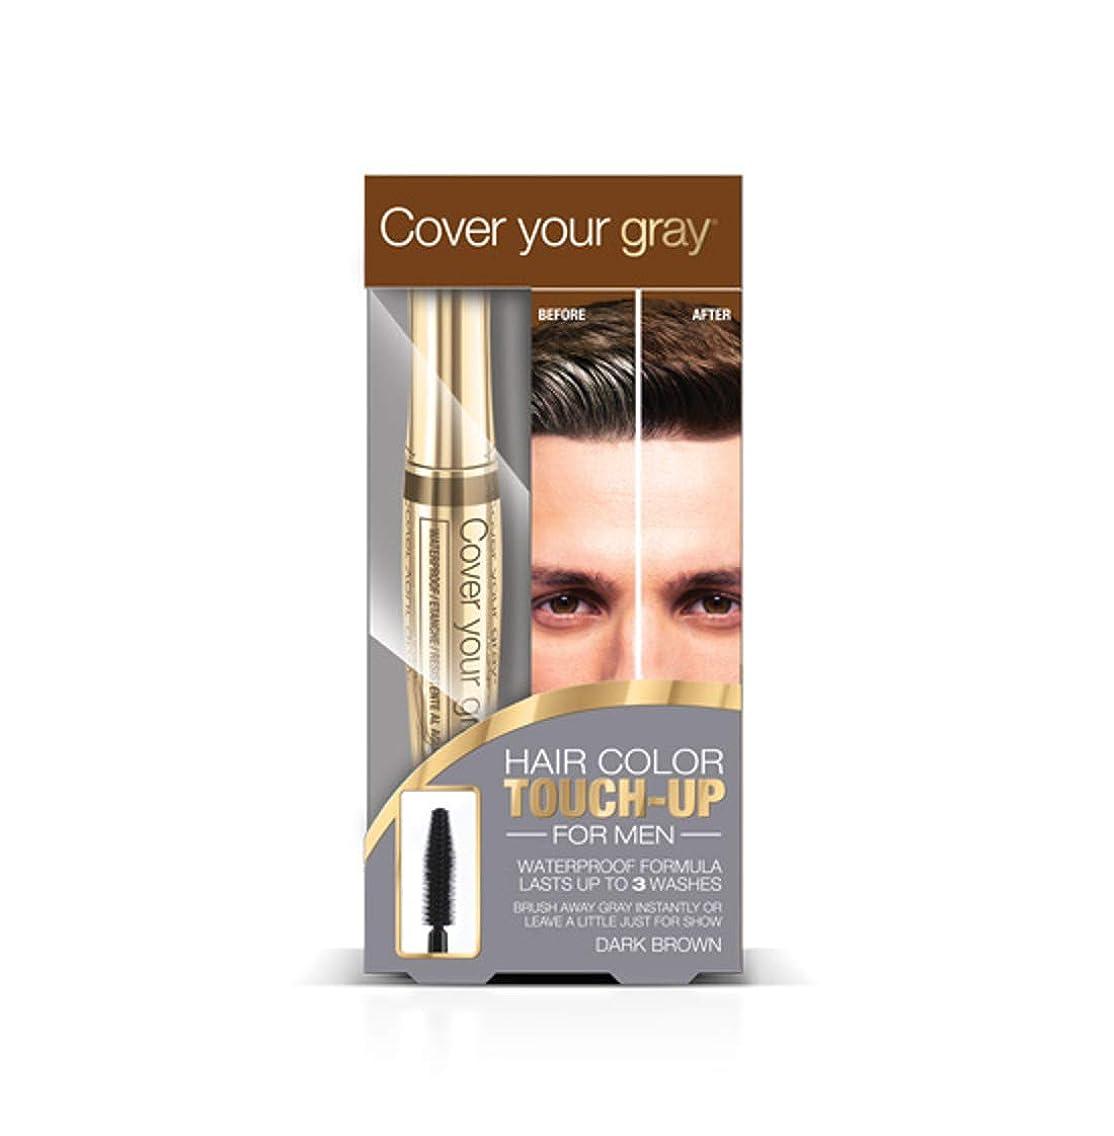 スケジュールずるい傀儡Cover Your Gray メンズ防水ブラシイン - ダークブラウン(3パック)